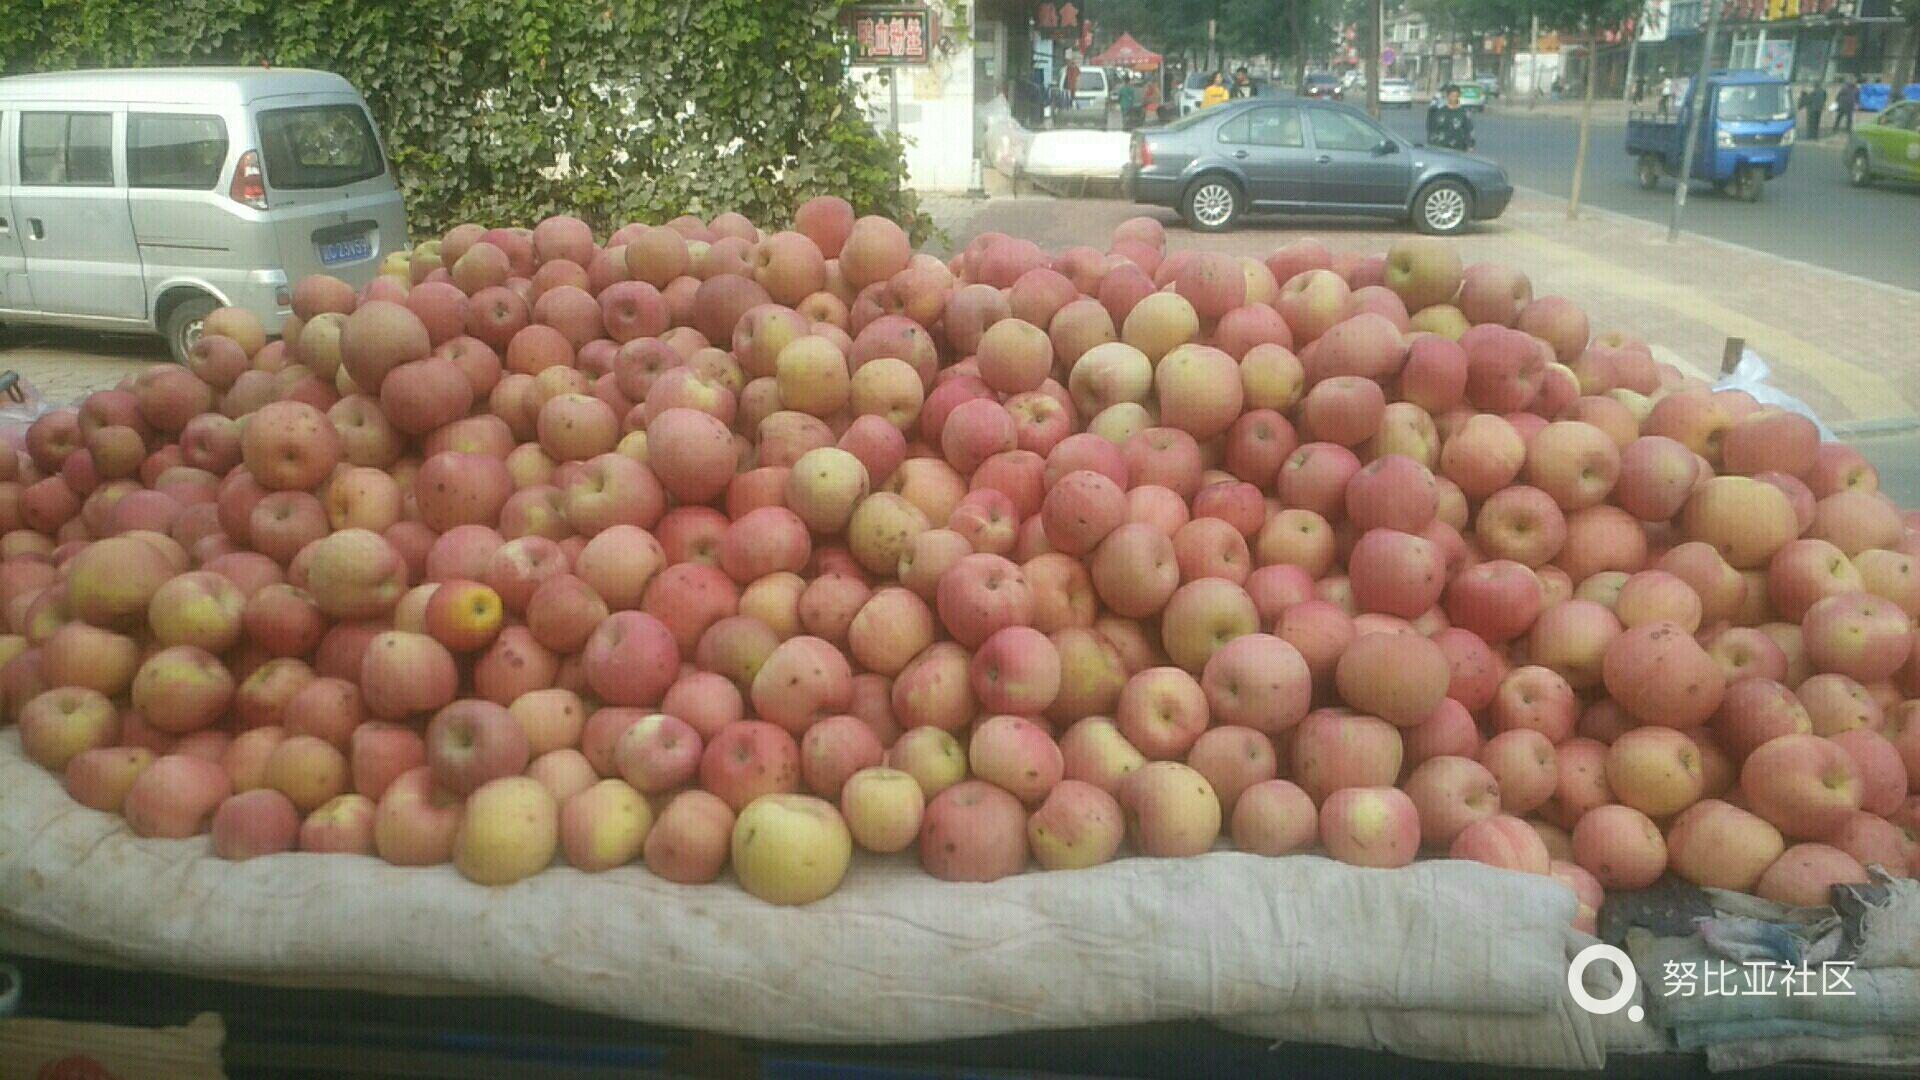 丰收的果实